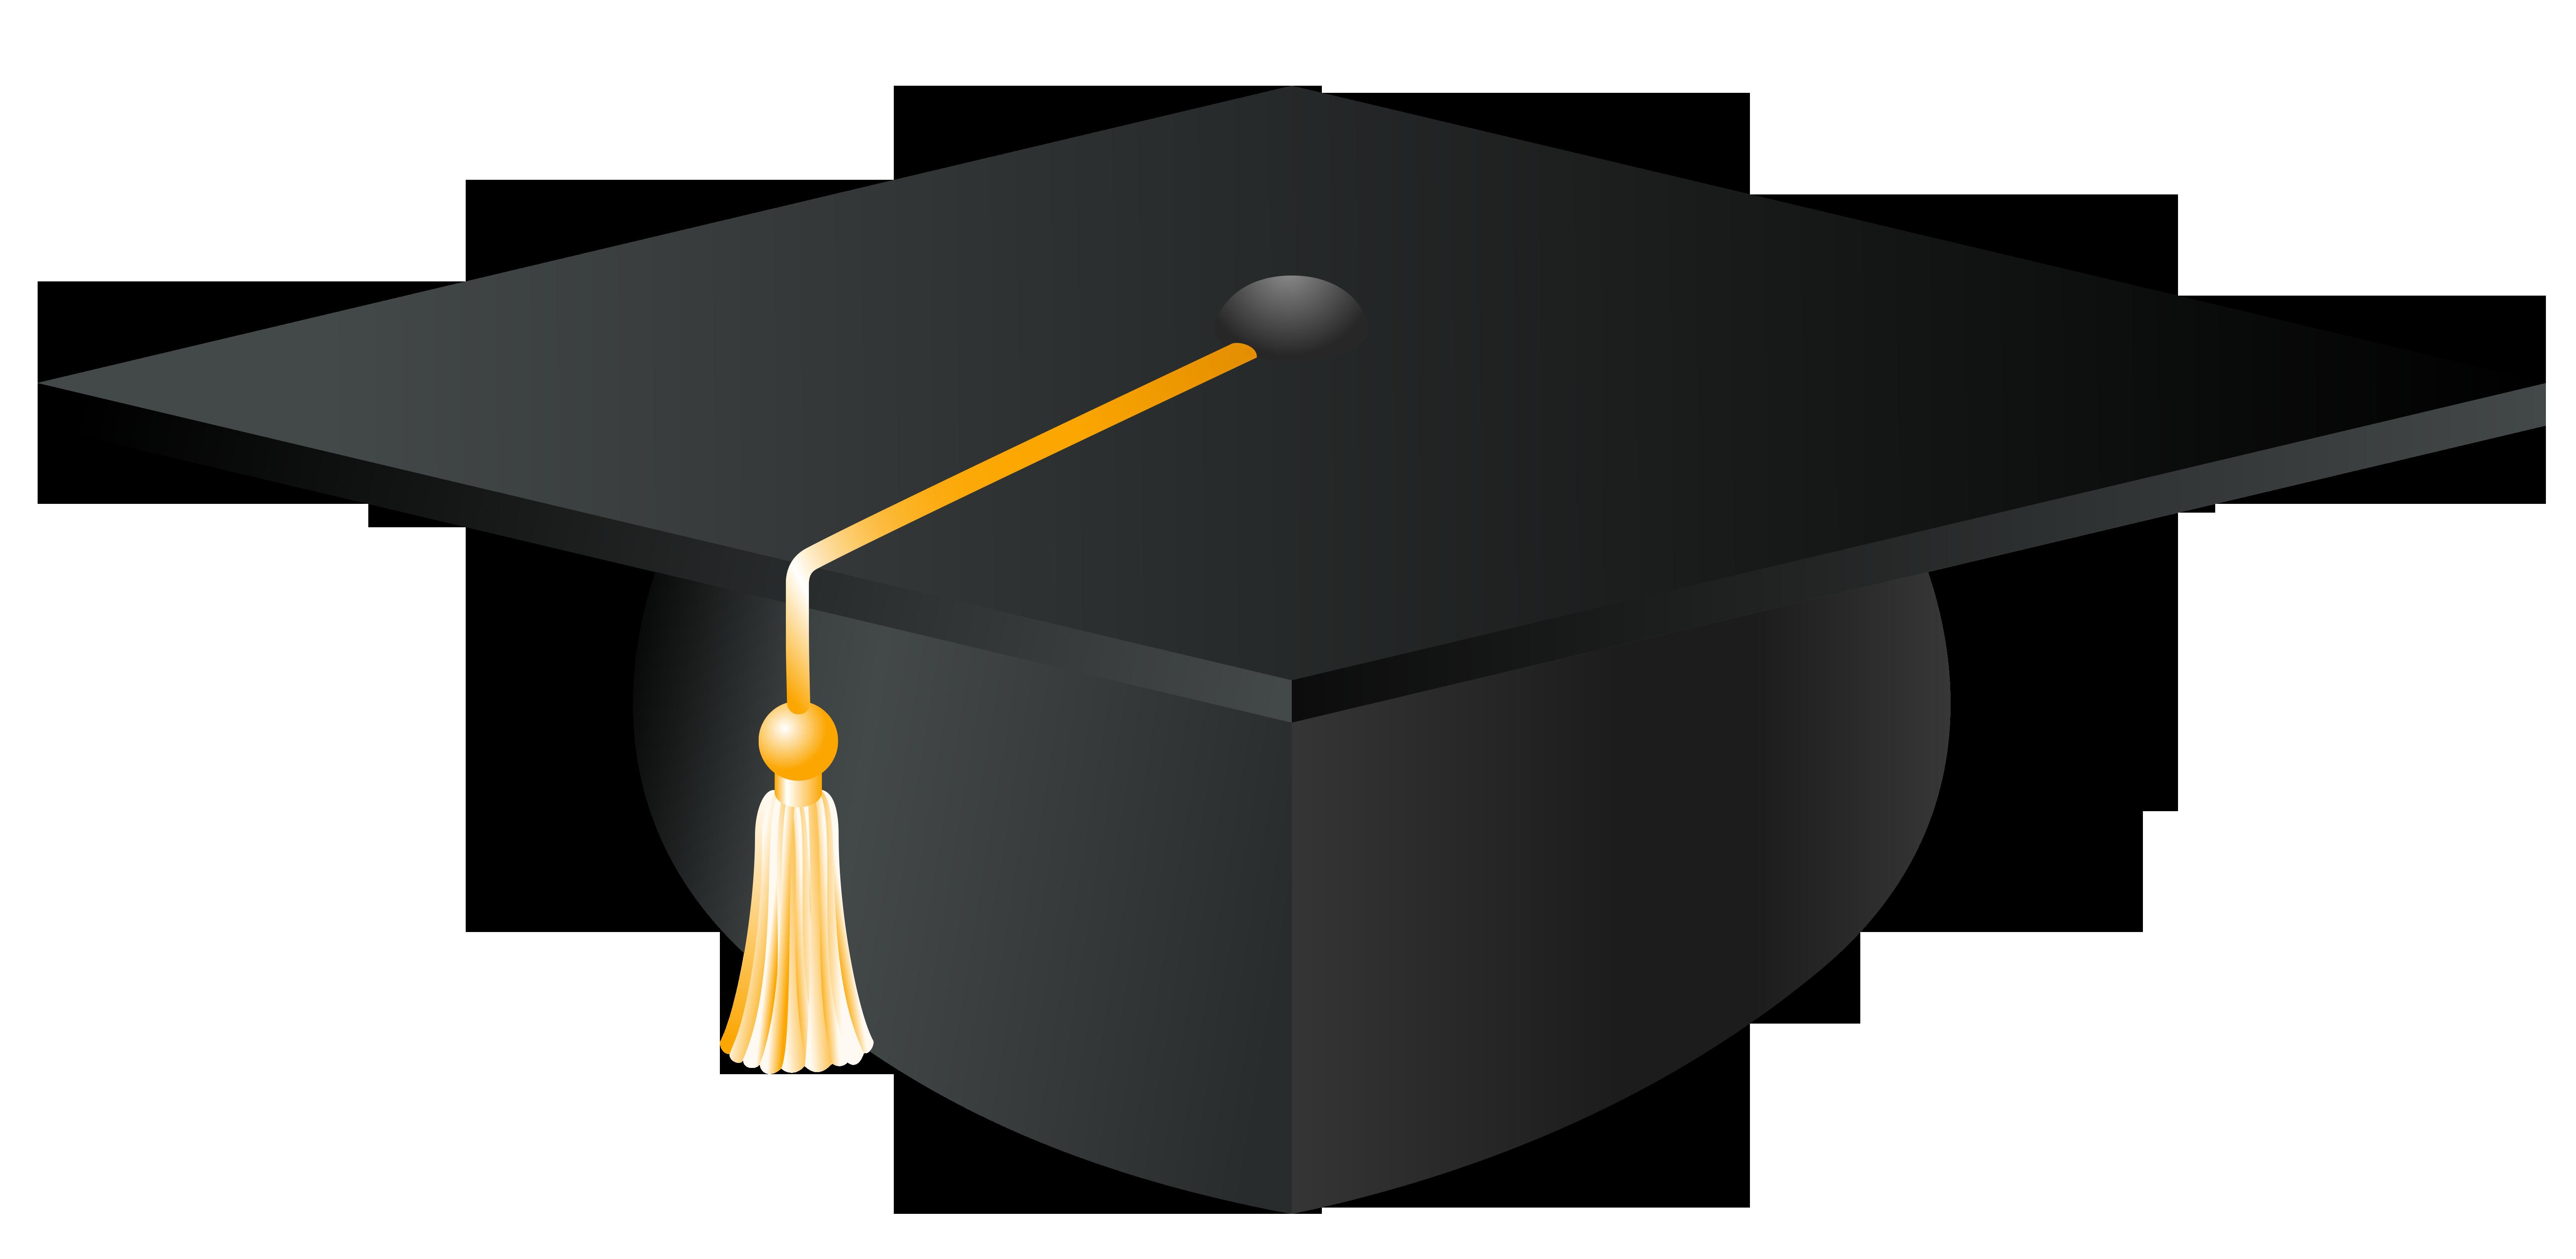 6162x3011 Degree Hat (Graduation Cap) Png Transparent Images Png All